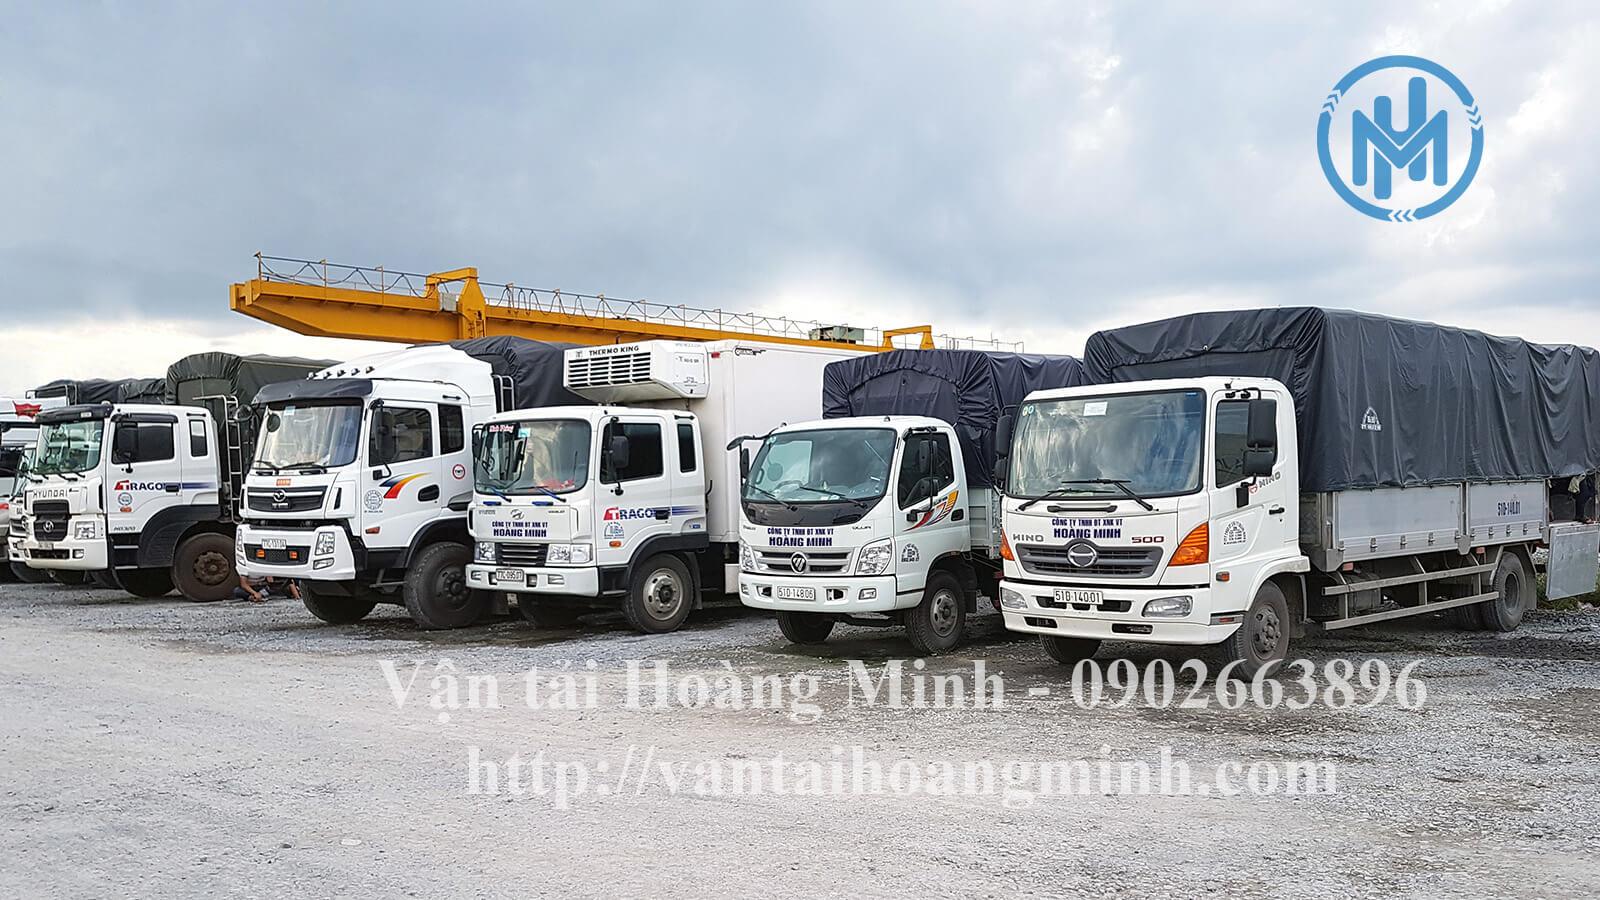 Vận chuyển hàng hóa giá rẻ huyện Cần Giuộc